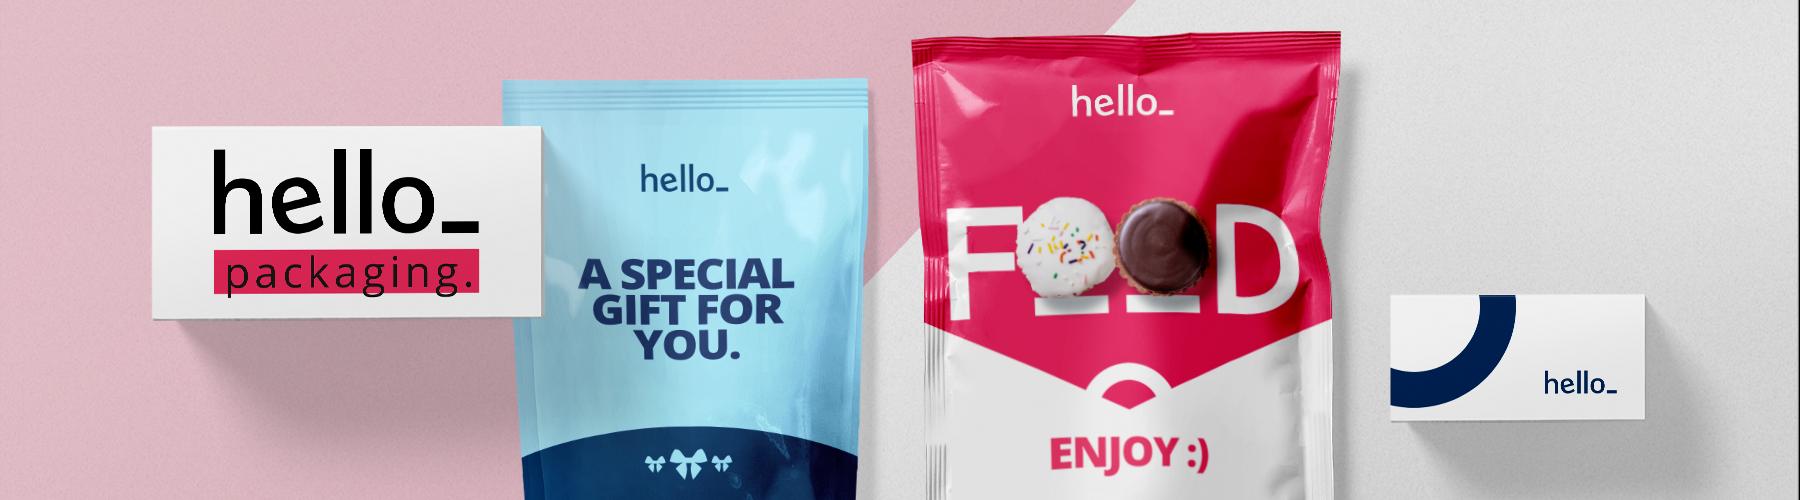 Come sfruttare il packaging per promuovere il tuo logo